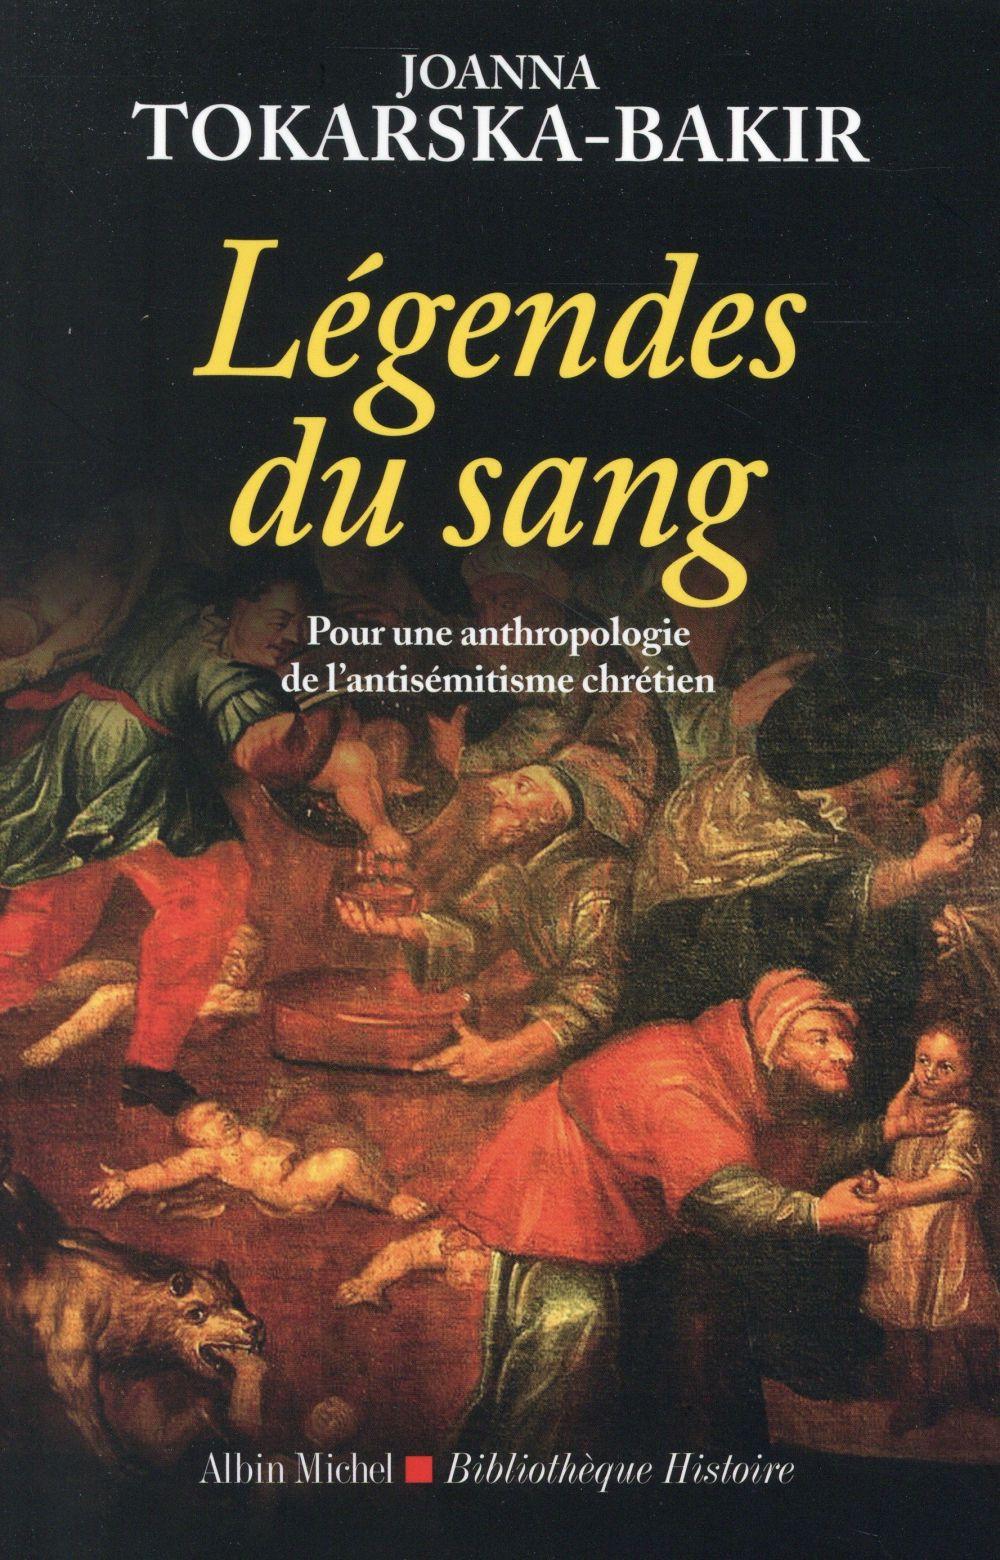 Les légendes du sang ; pour une anthropologie de l'antisémitisme chrétien